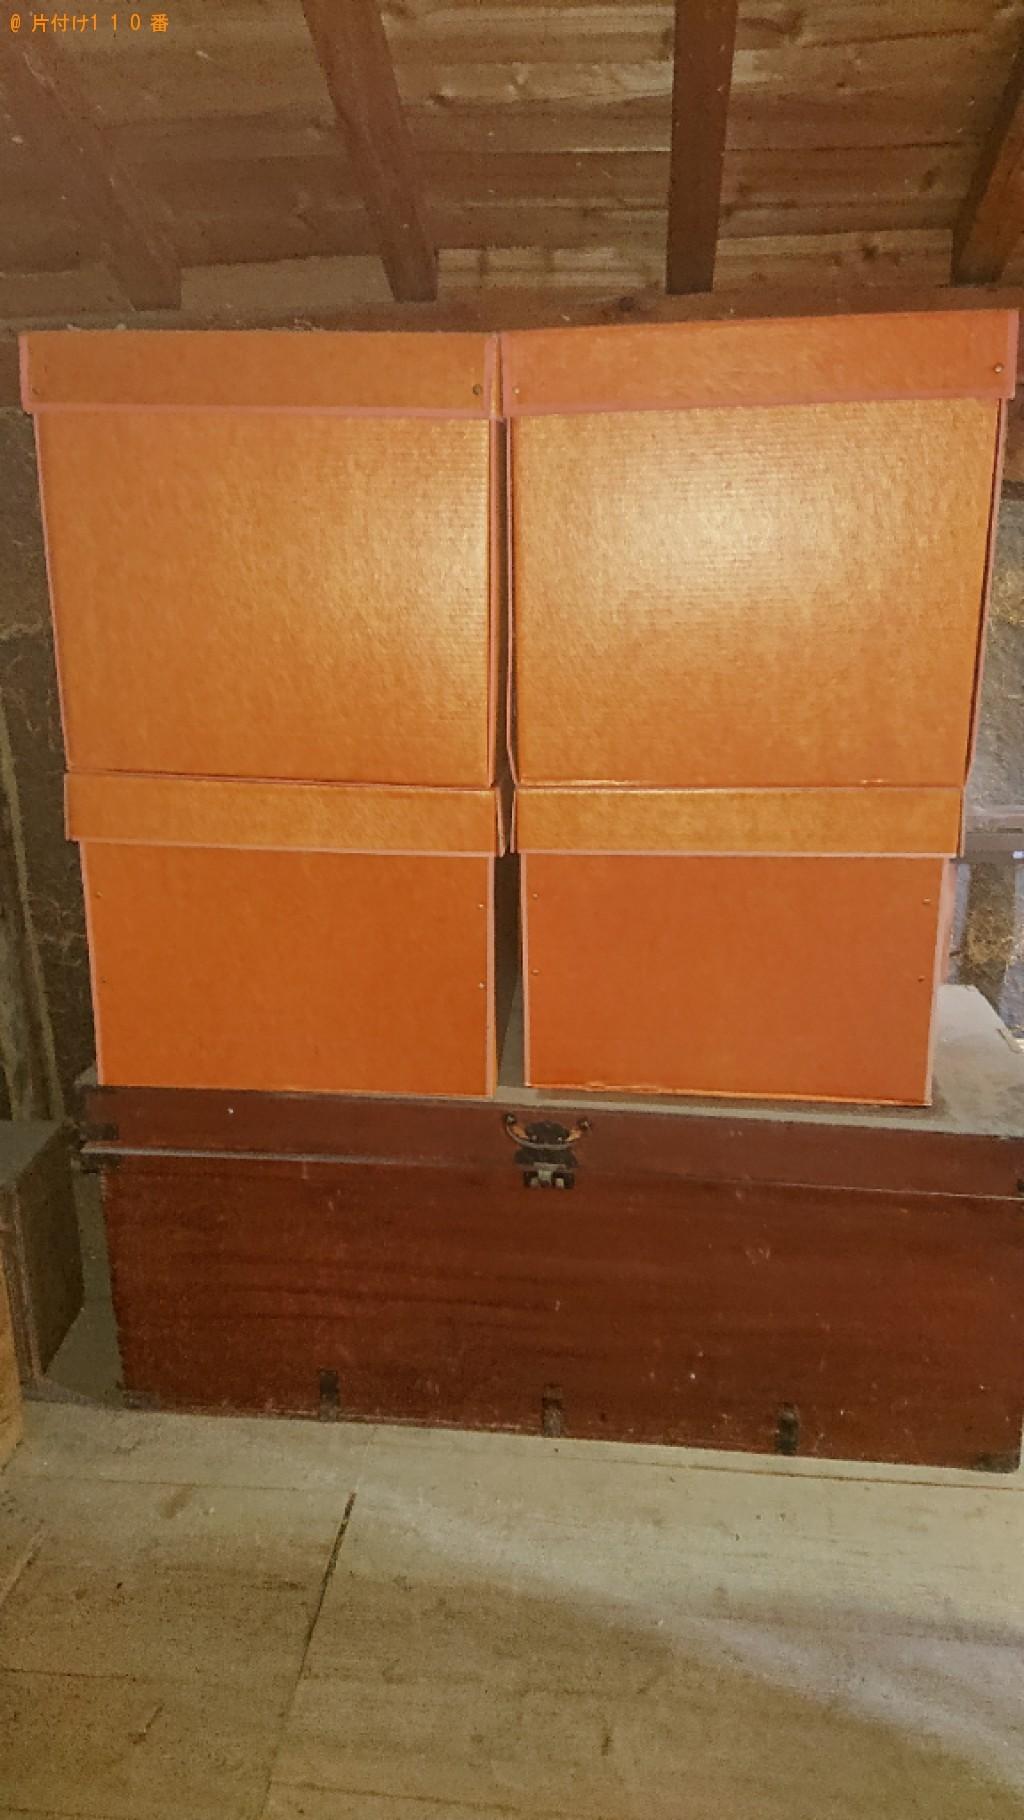 【小浜市】家具家電などの出張不用品回収・処分ご依頼 お客様の声